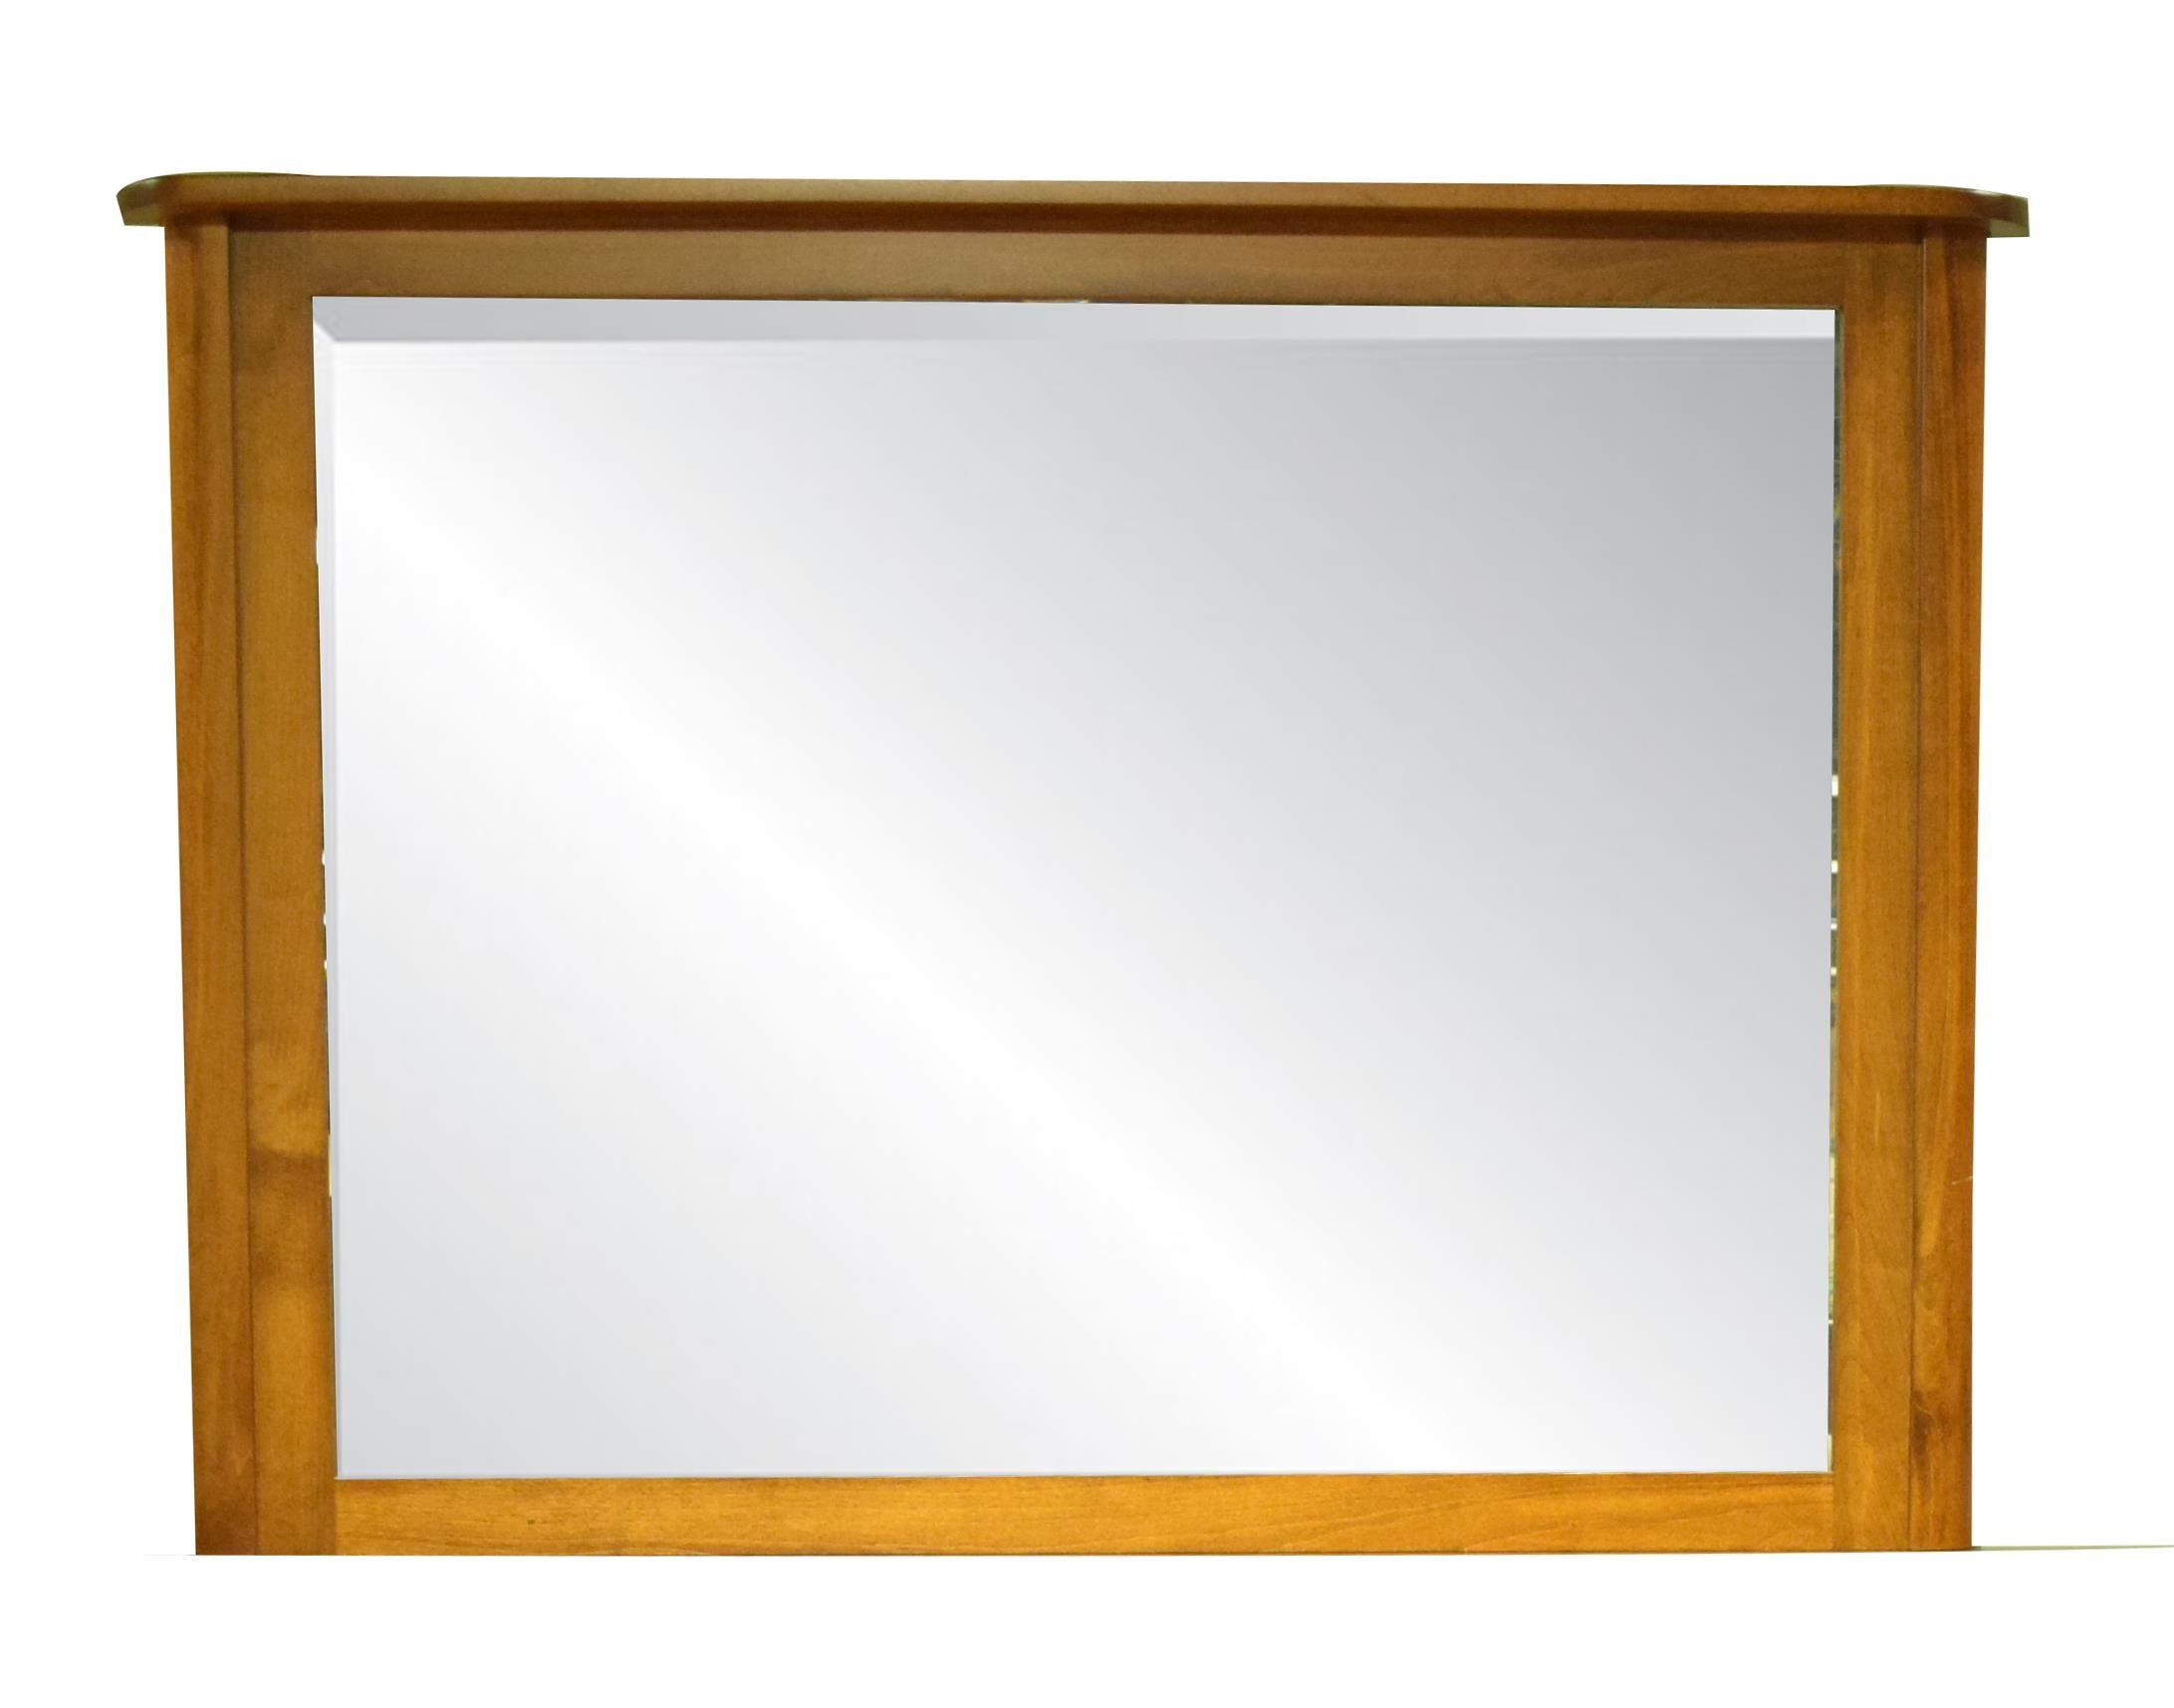 Amish Dresser Mirror